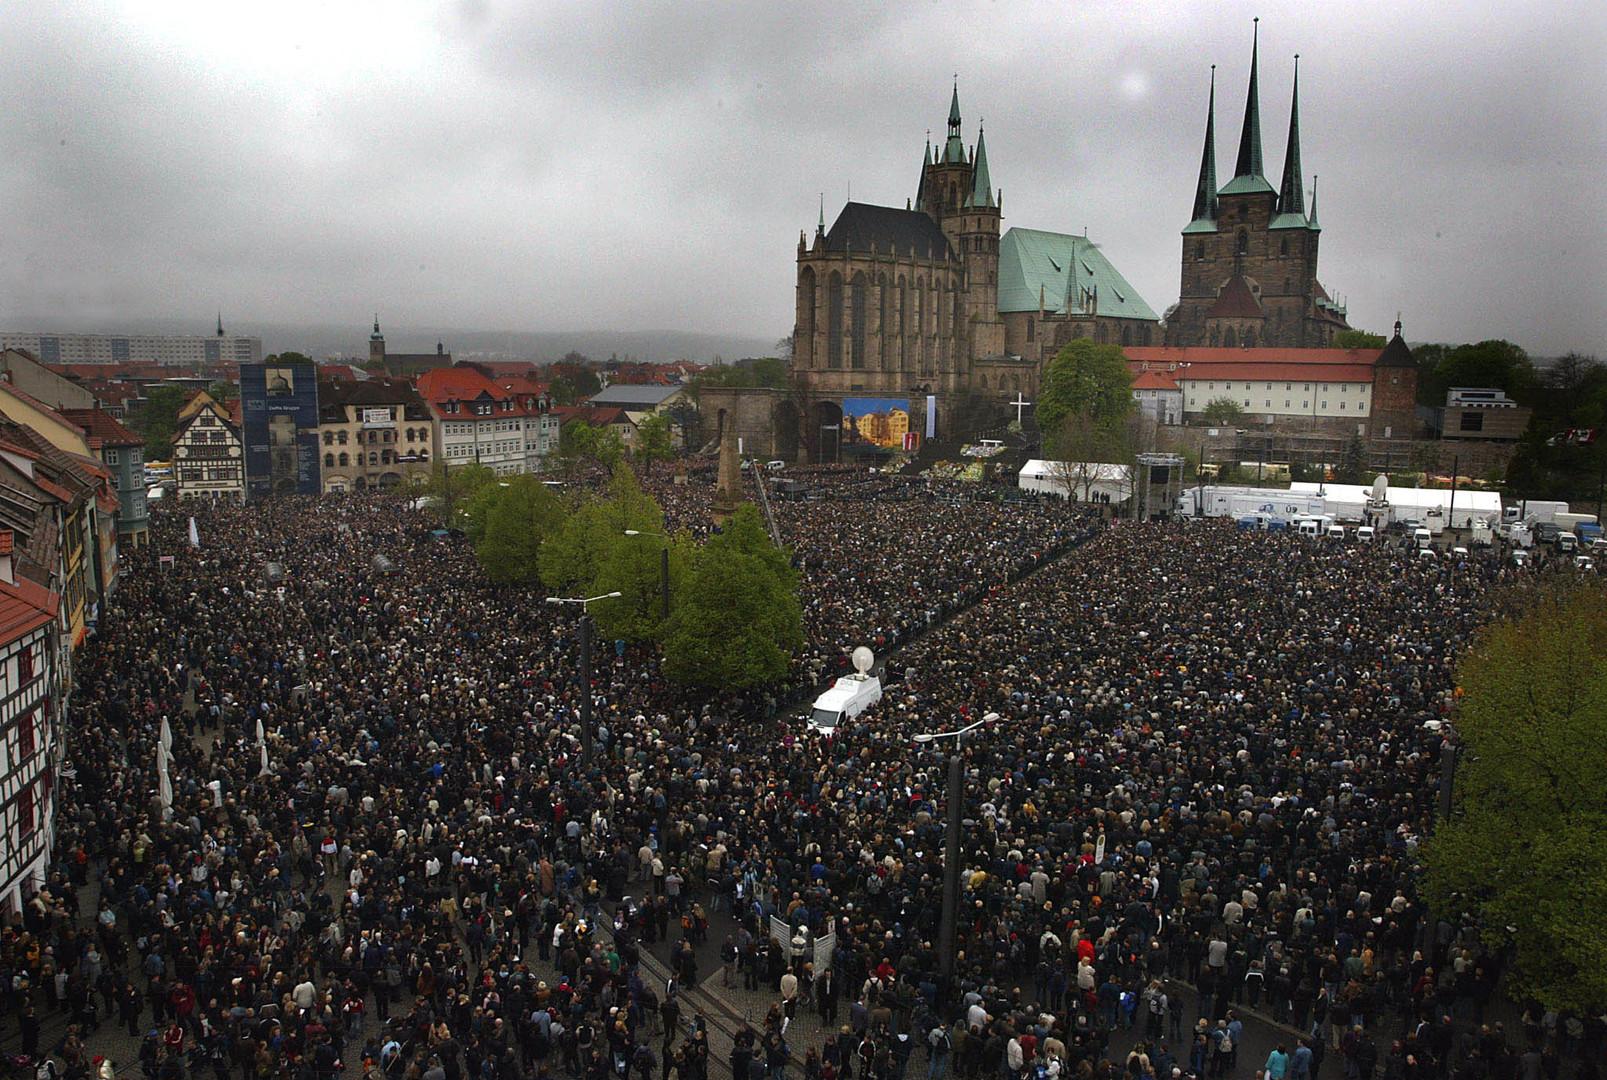 Des milliers de personnes sont venues rendre un dernier hommage aux victimes aux abords de la cathédrale d'Erfurt